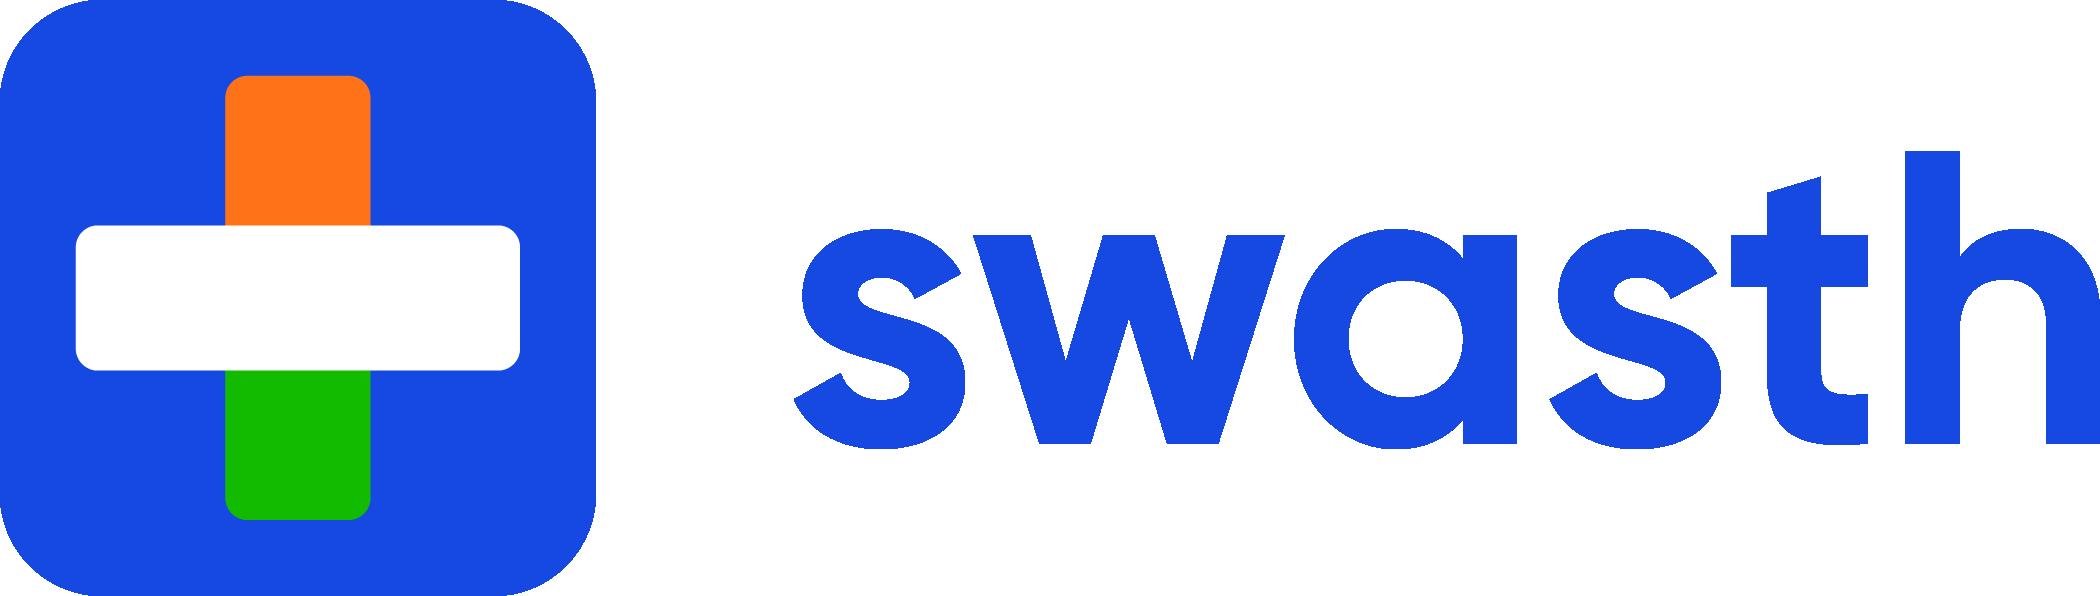 Swasth logo